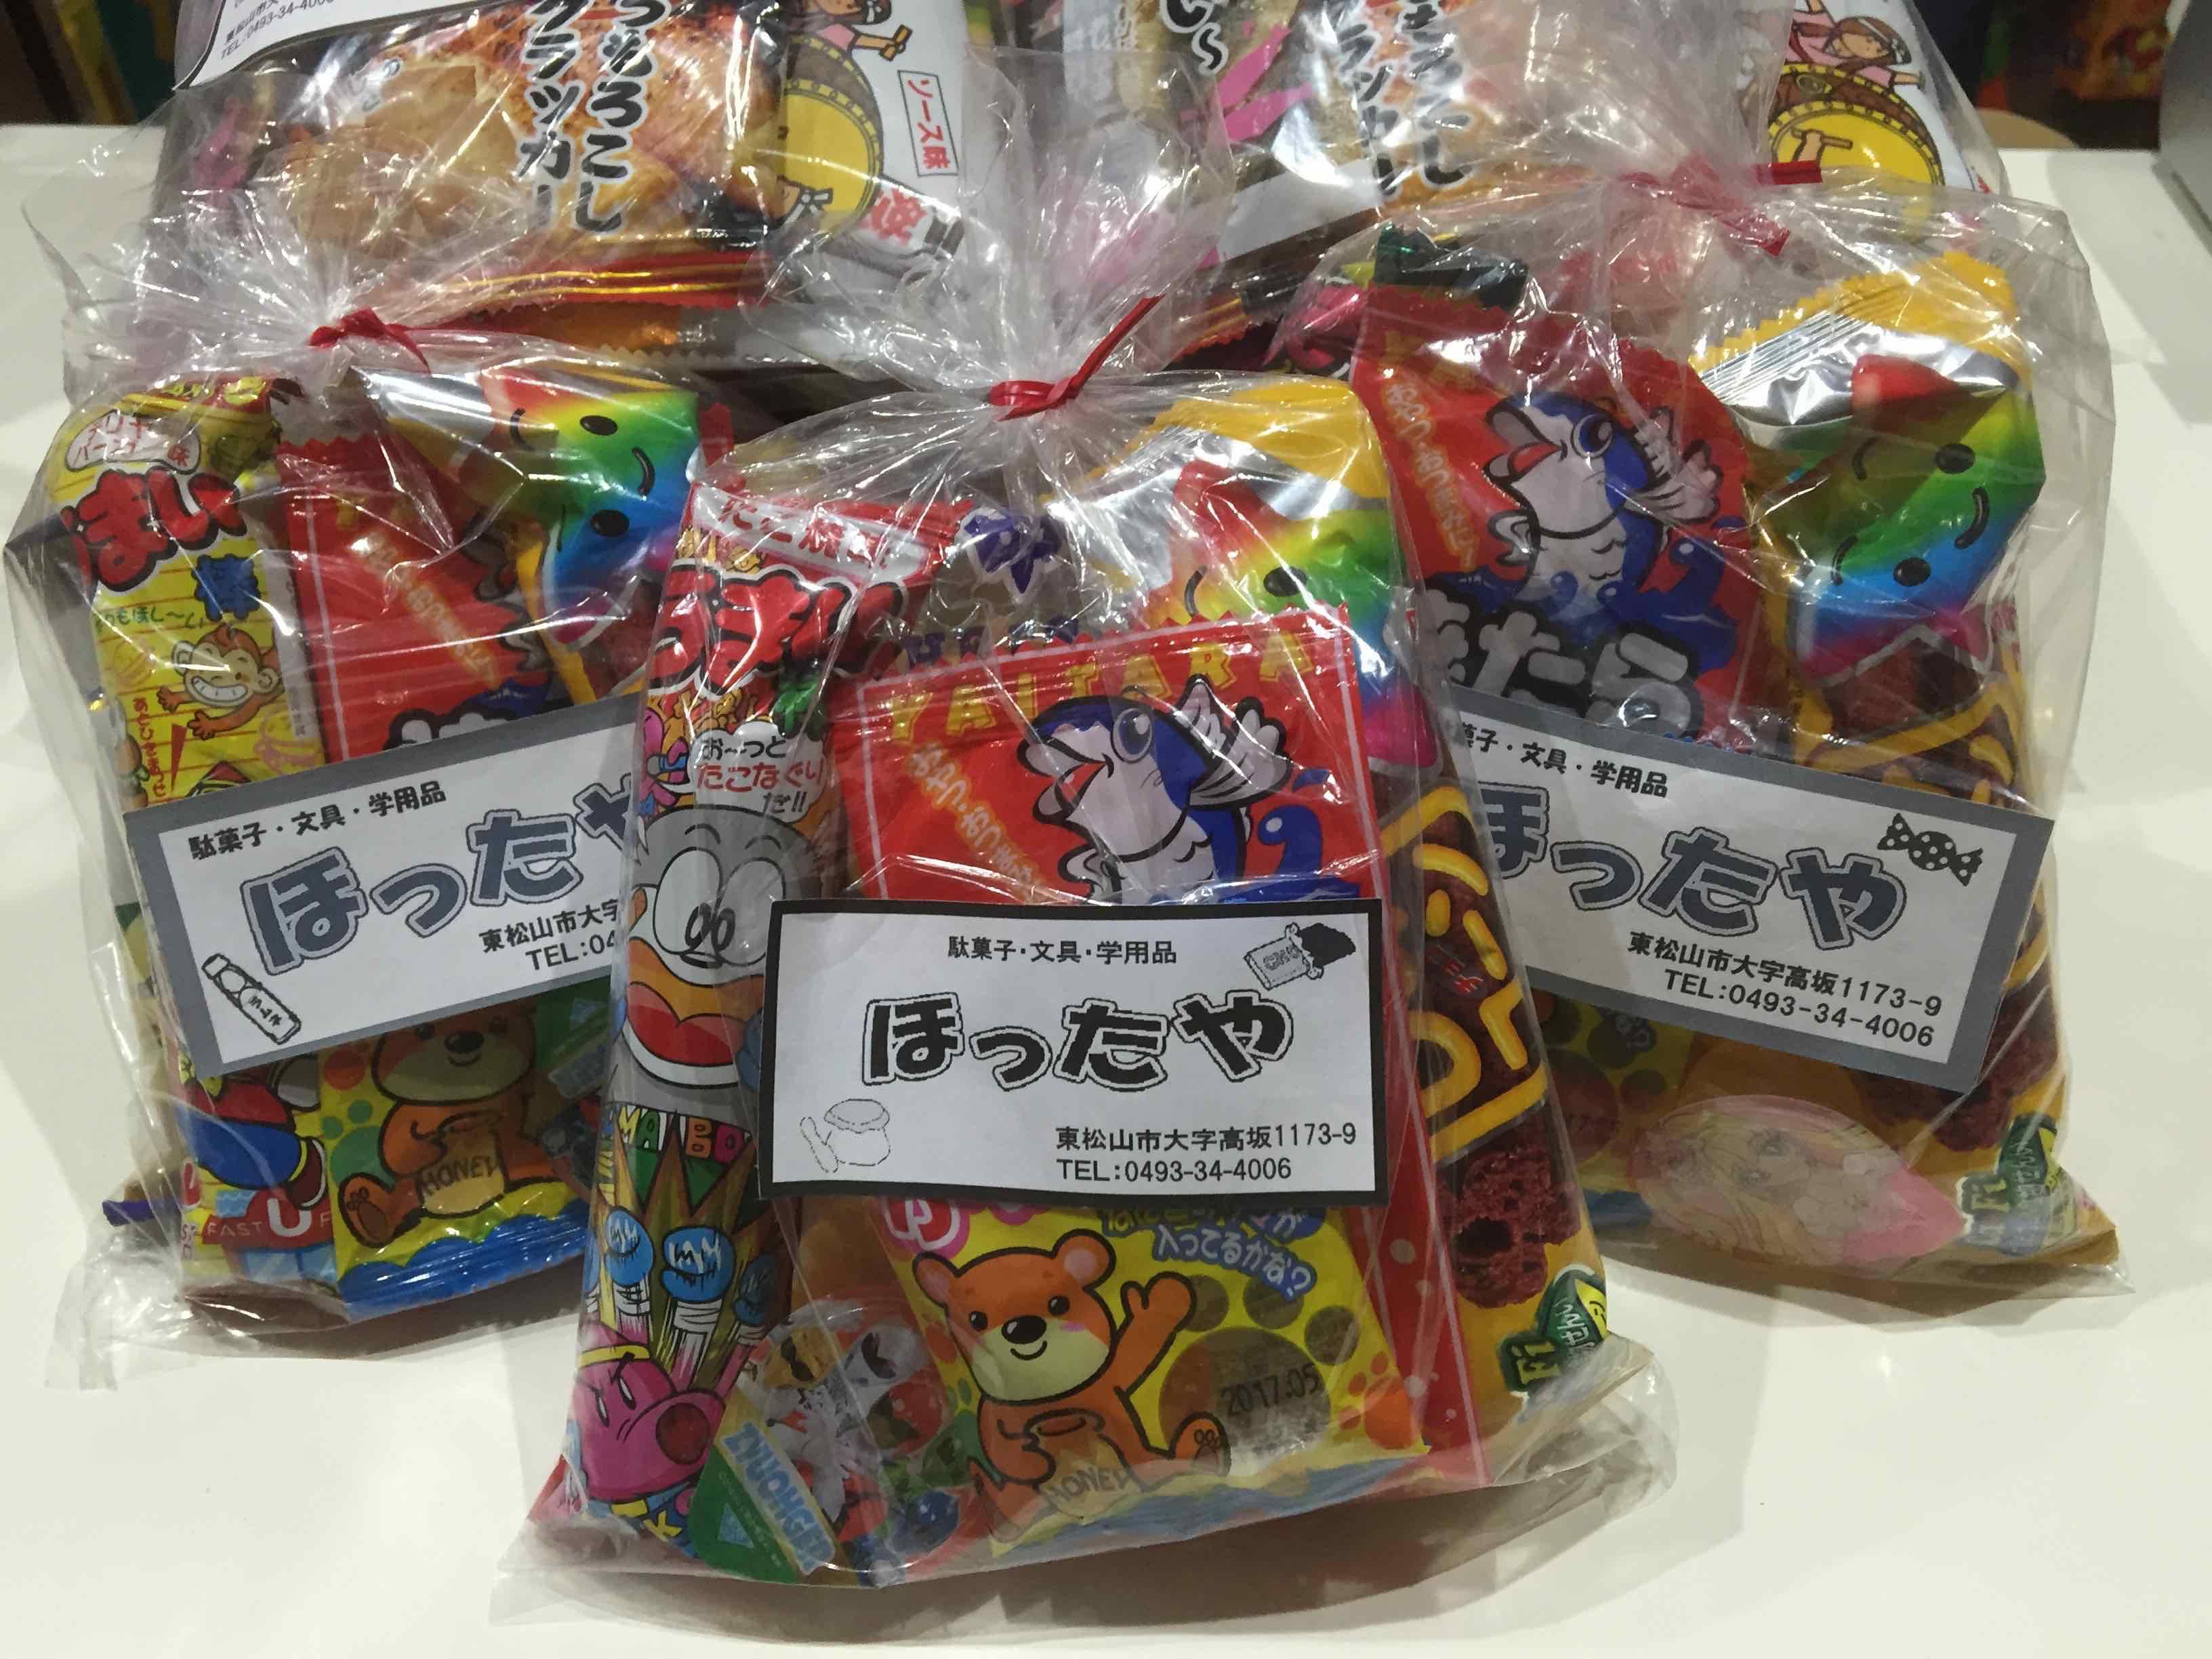 拂田屋商店(ほったや)(東松山)駄菓子、文房具、学用品 取扱販売店